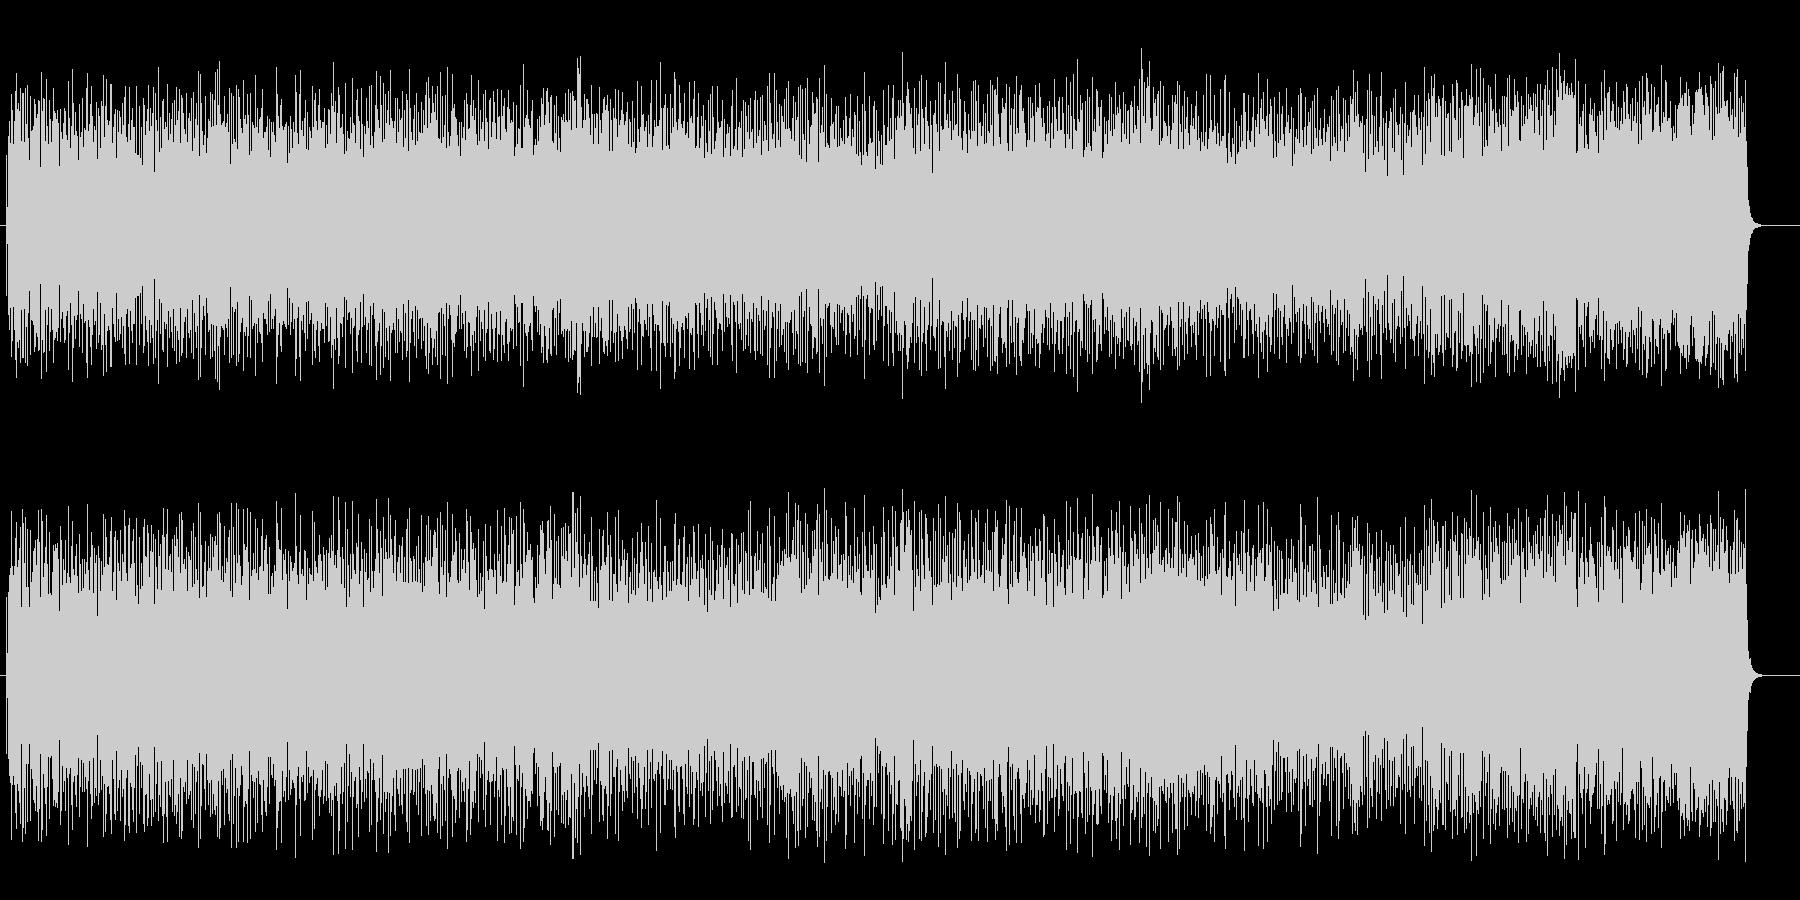 テンポのよい懐かしい軽音楽ライトポップスの未再生の波形